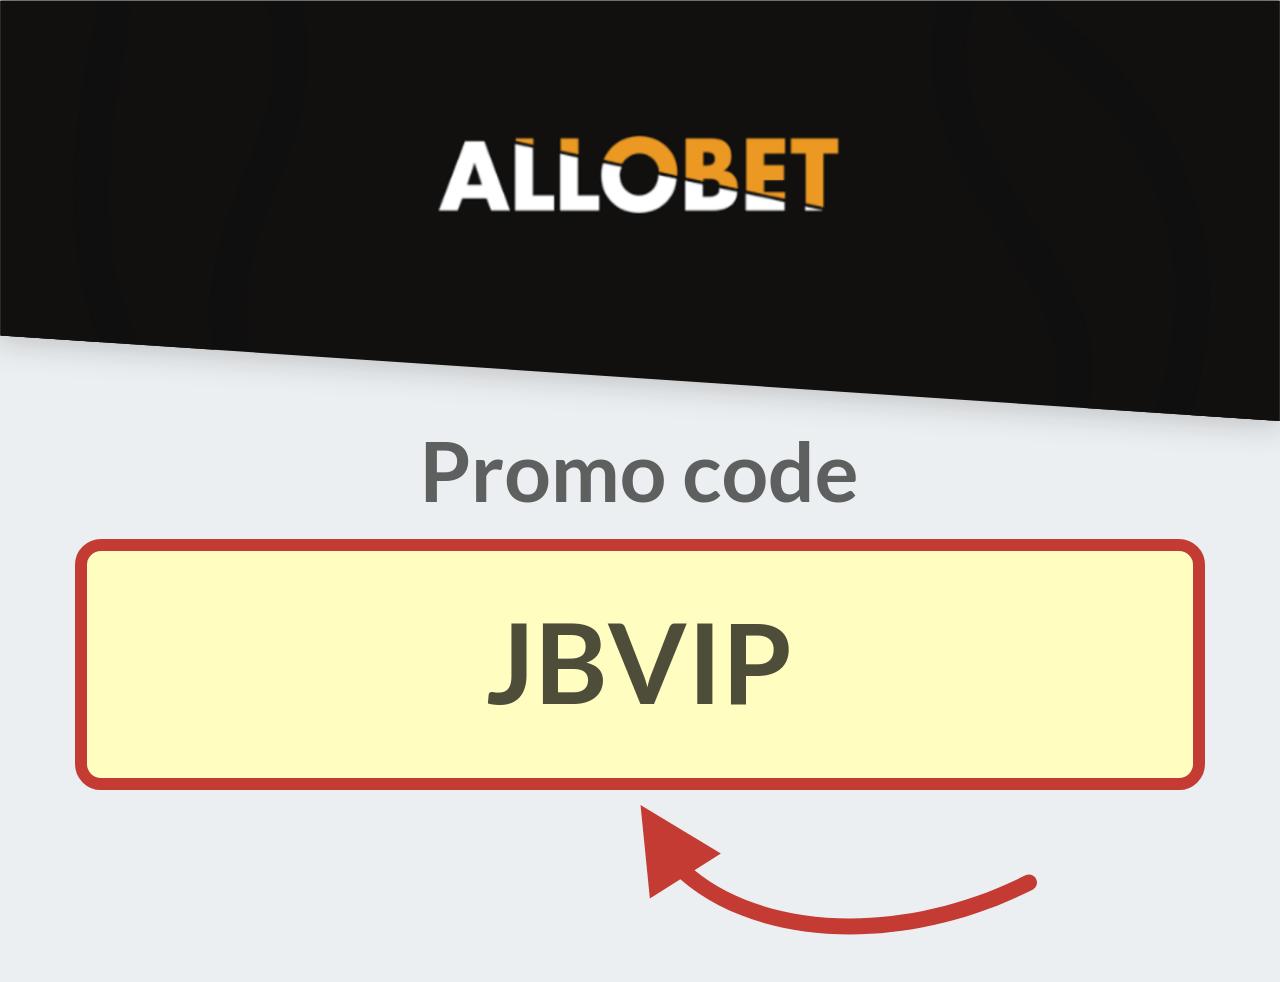 Allobet Promo Code